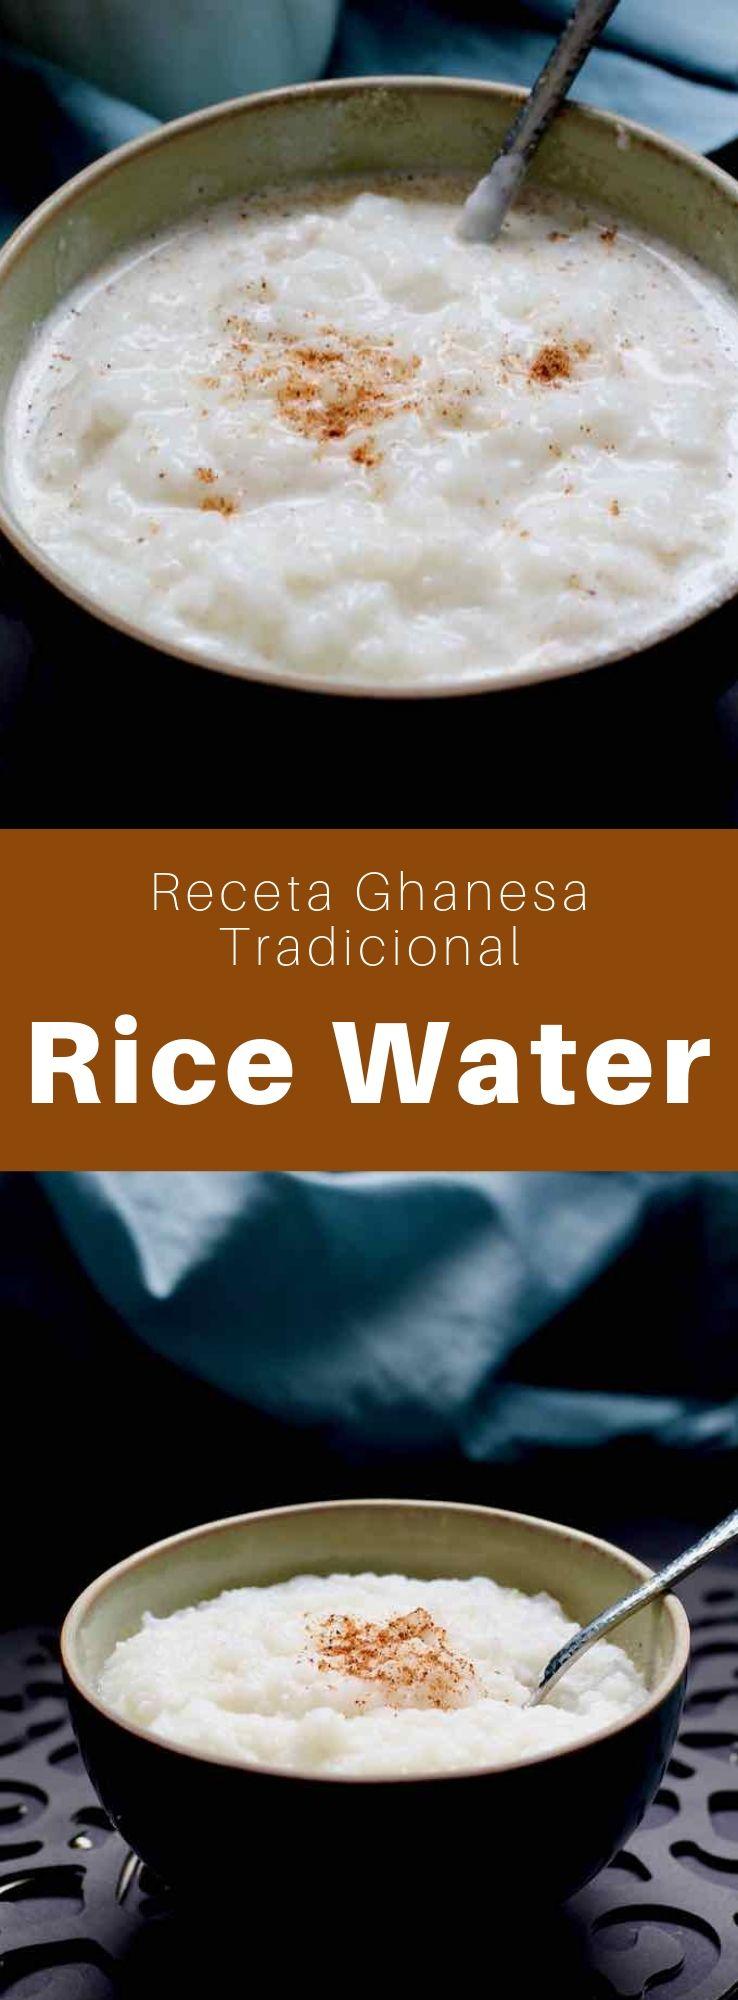 El rice water es un postre tradicional de Ghana que consiste en un pudin de arroz con nuez moscada y otros ingredientes para disfrutar.